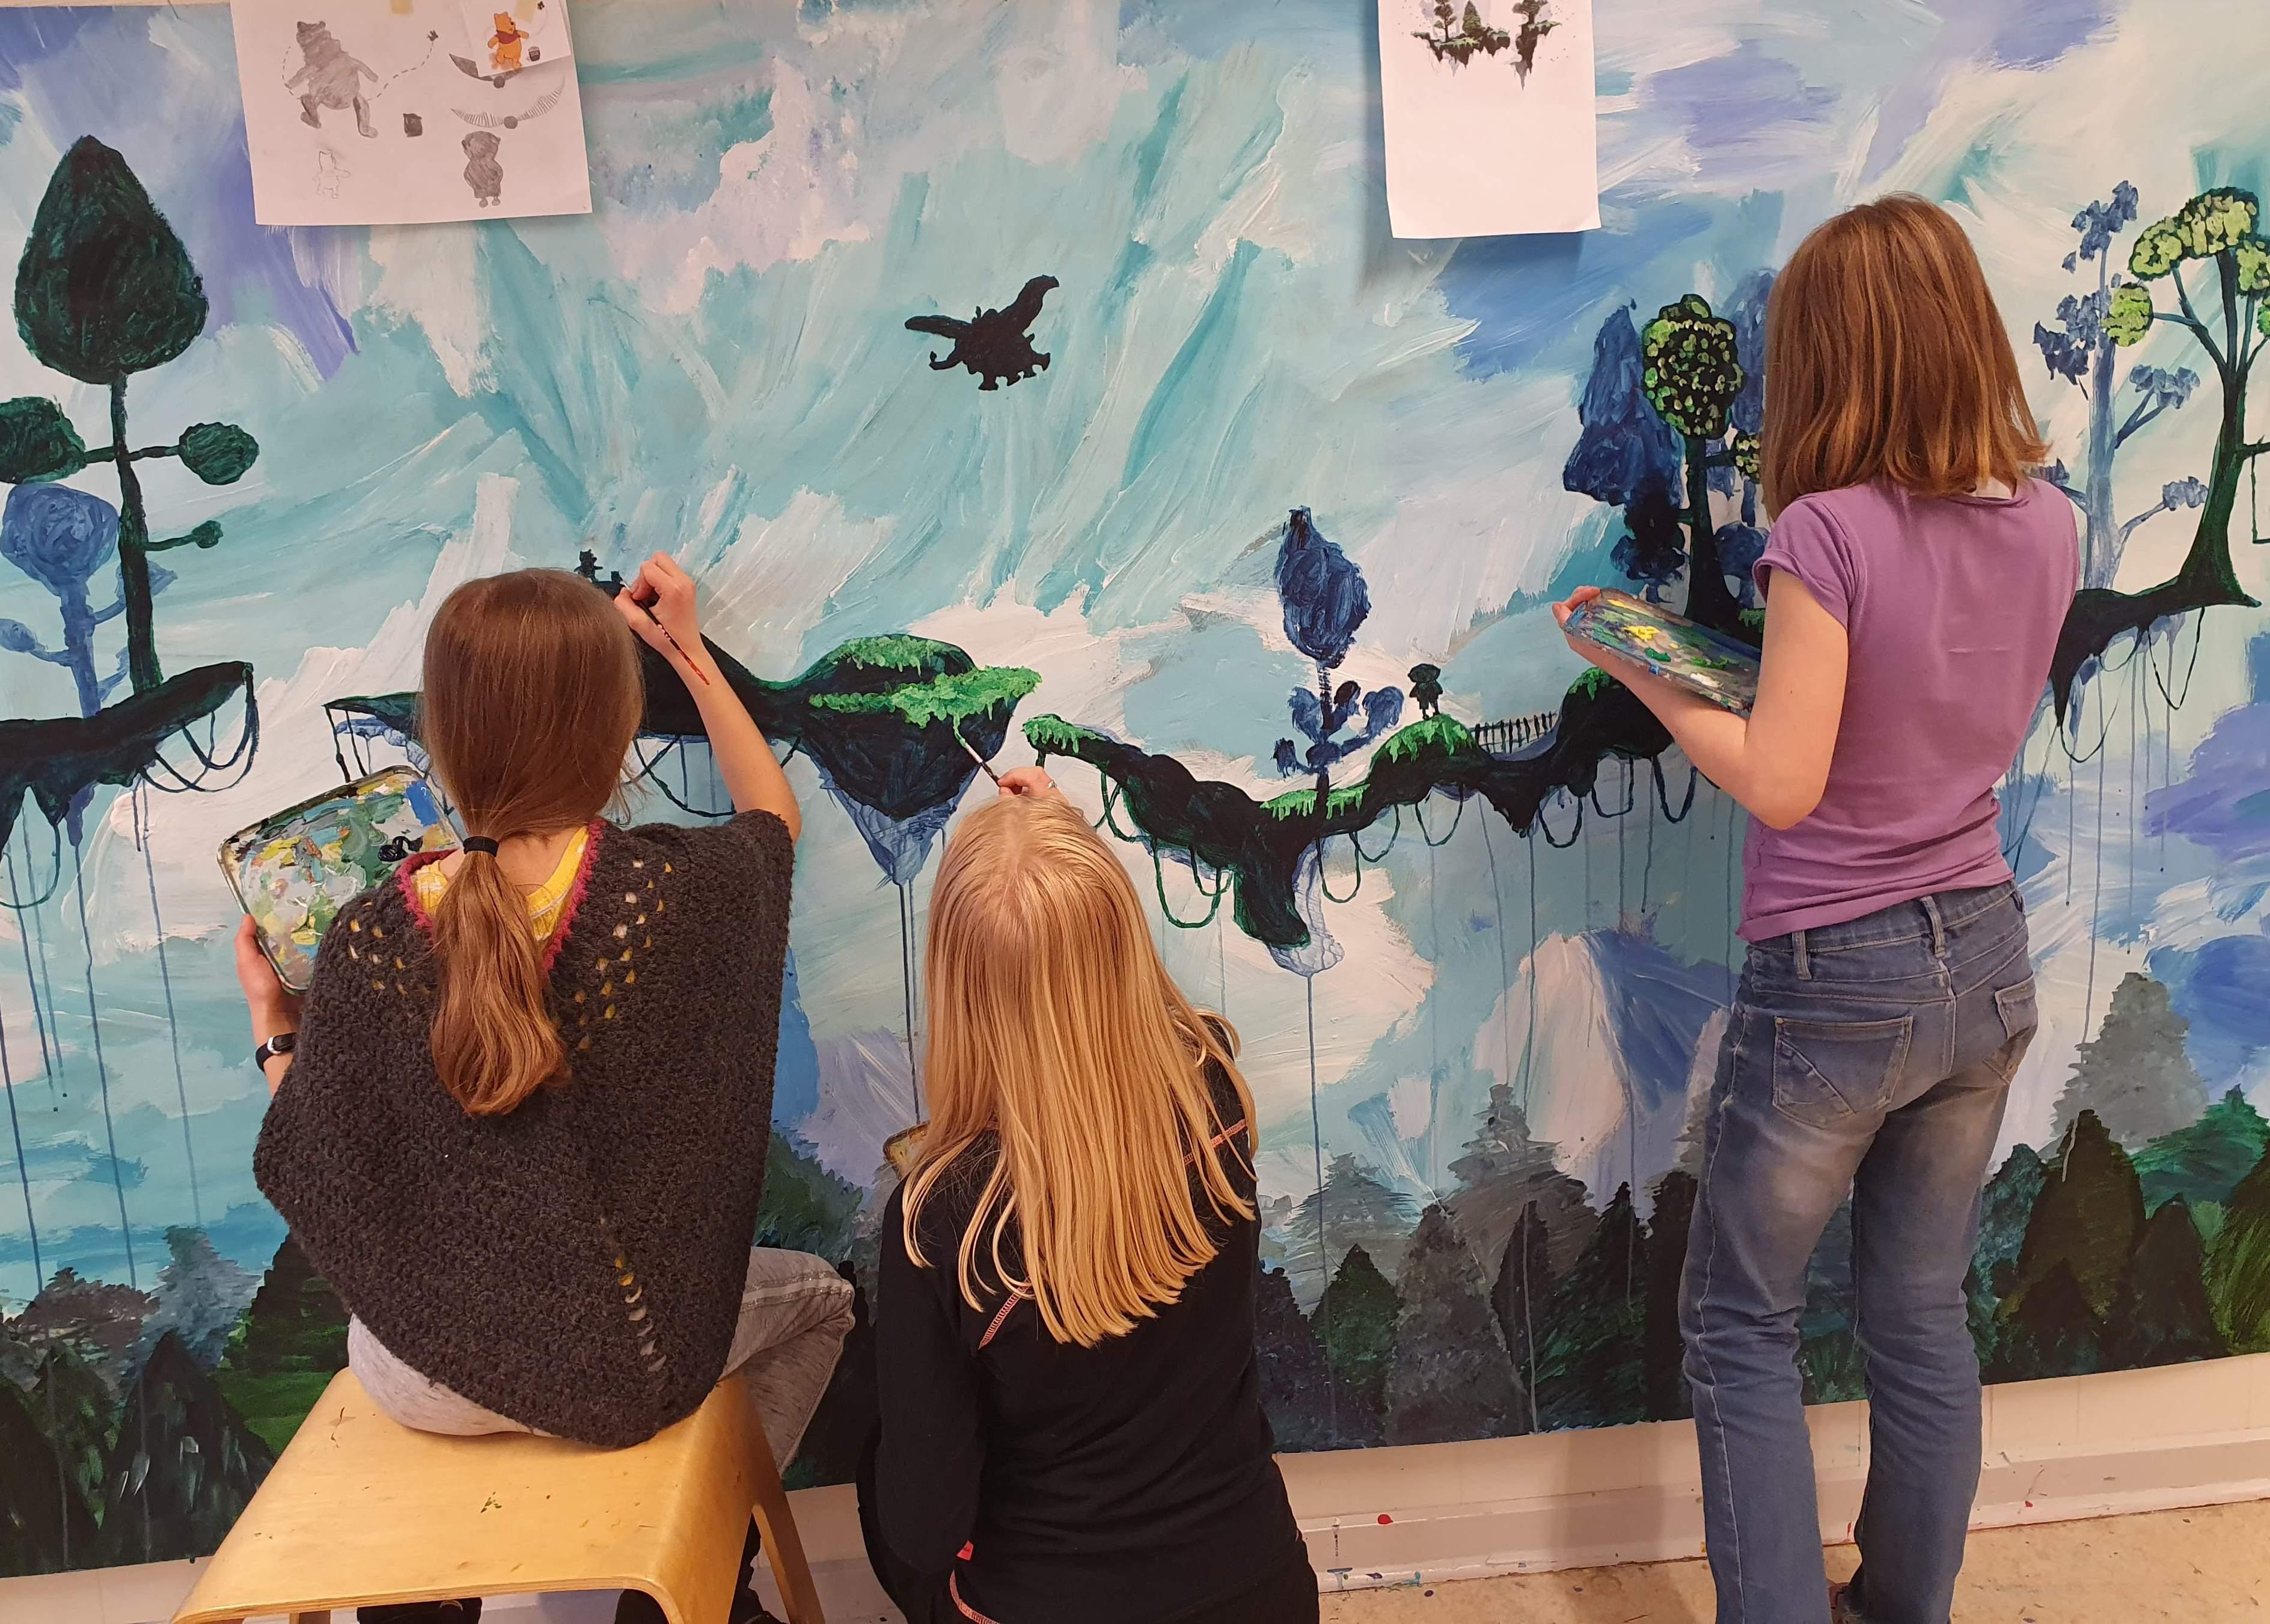 Børn maler et billede sammen.